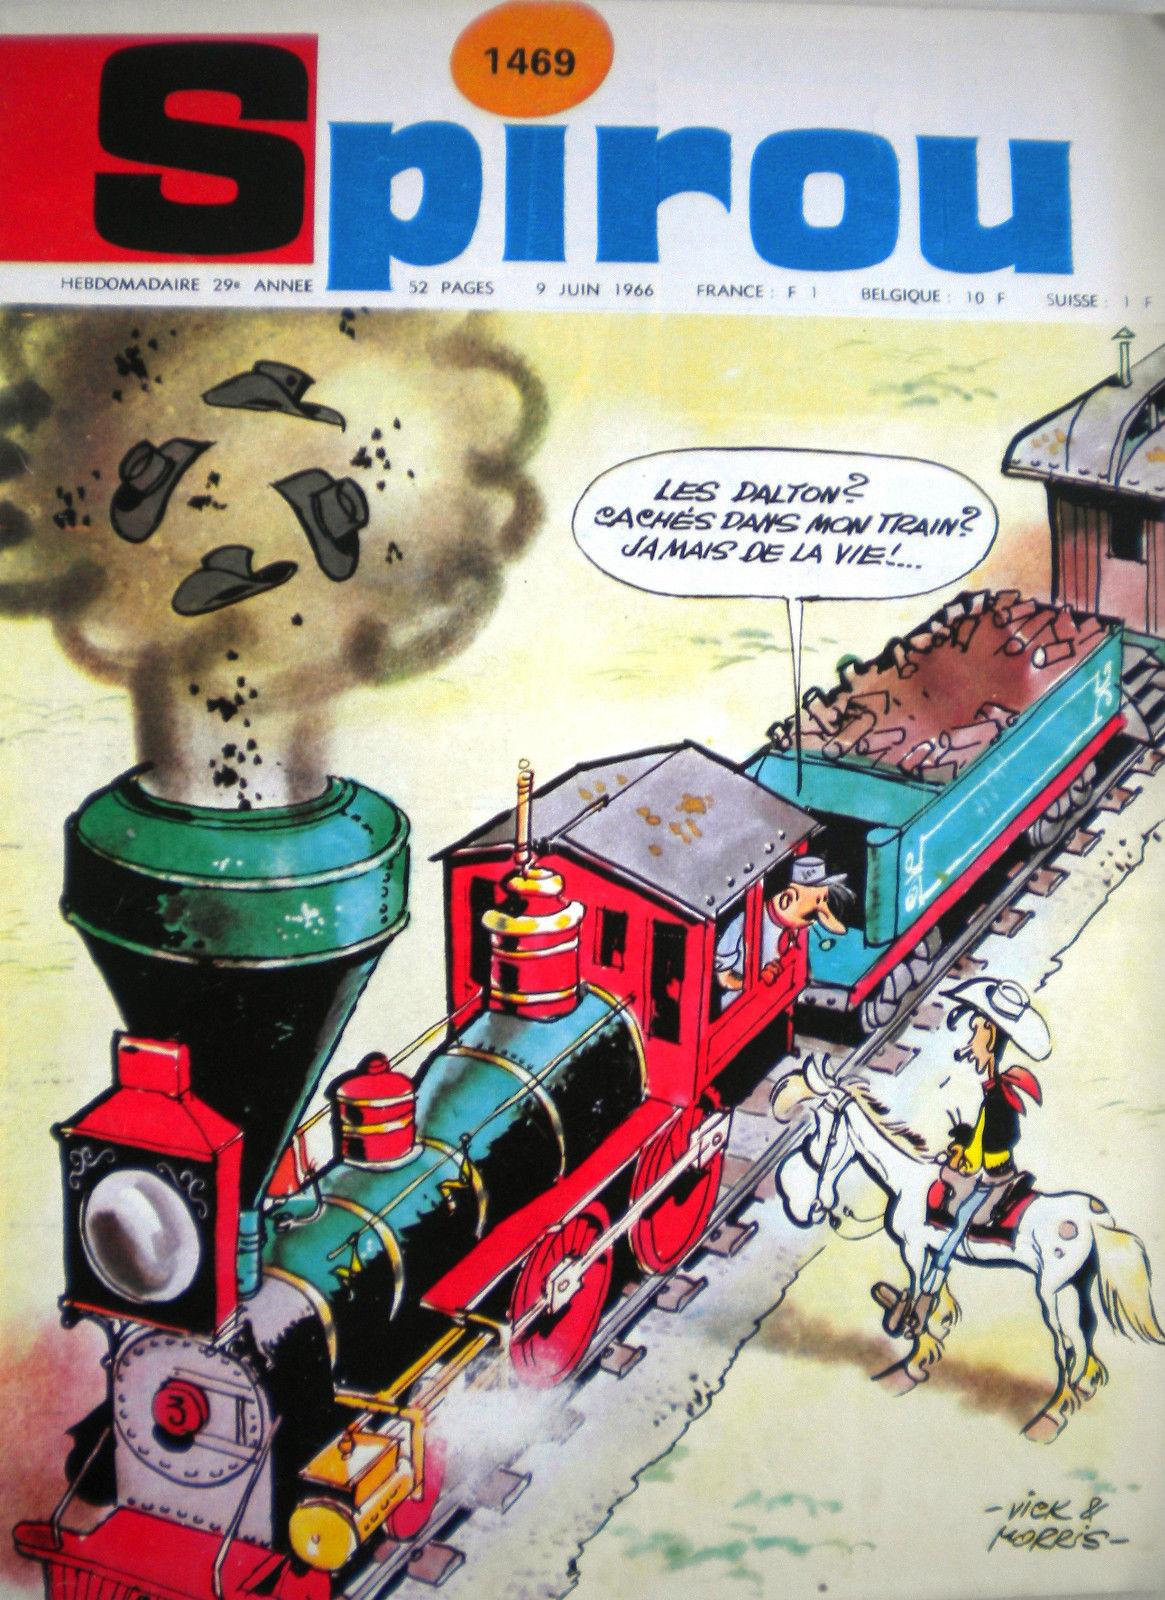 """Autre exemple avec le journal de Spirou n° 1469 (9 juin 1966) prépubliant """"Tortillas pour les Dalton"""""""